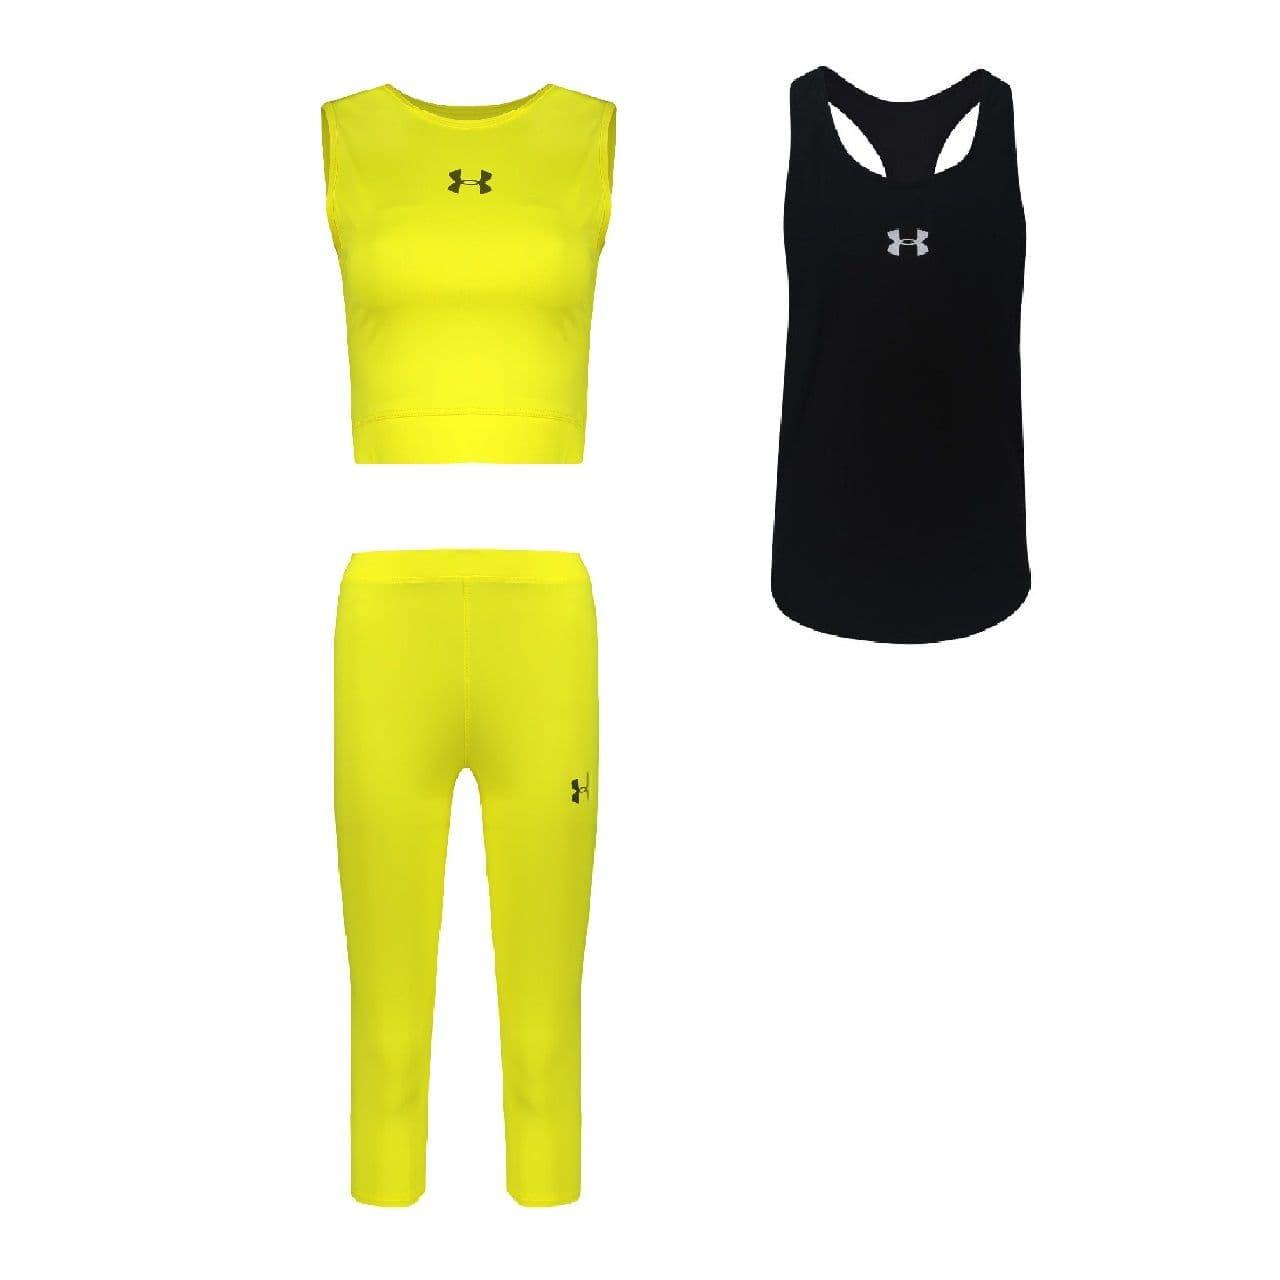 ست 3 تکه لباس ورزشی زنانه کد k-64-3101                     غیر اصل